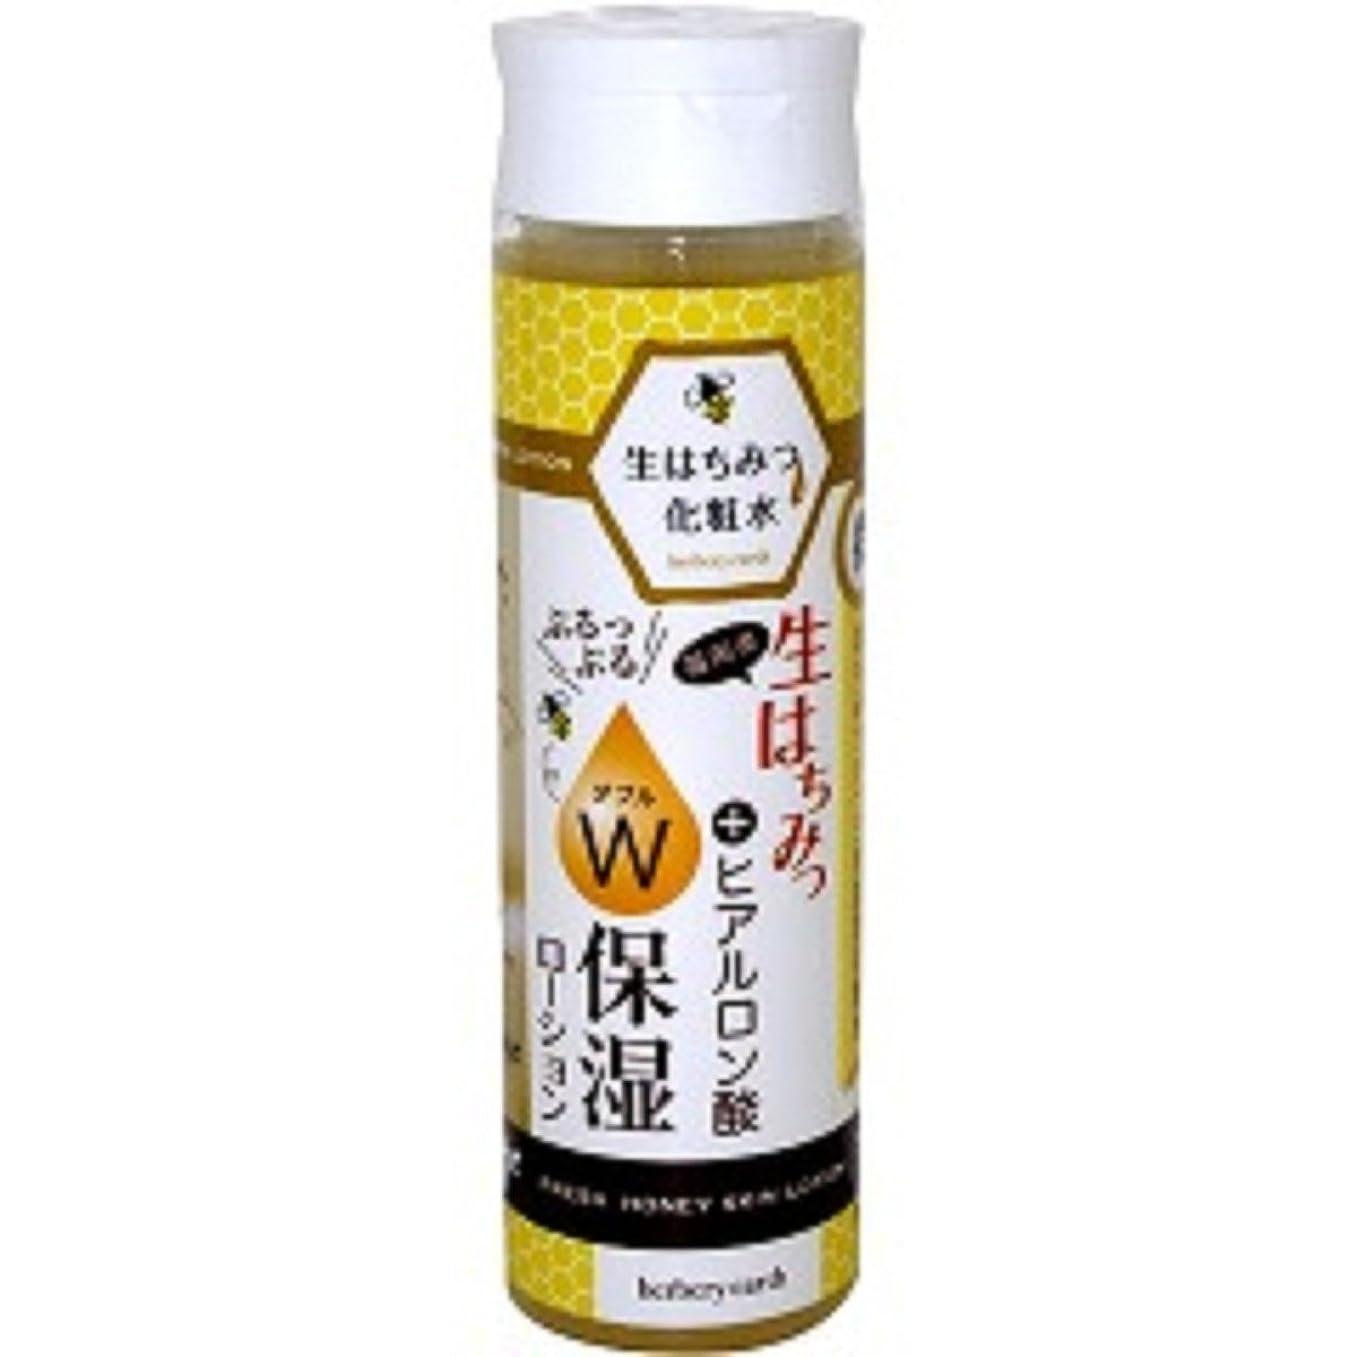 濃度レギュラー約束する生はちみつ化粧水 W保湿スキンローション